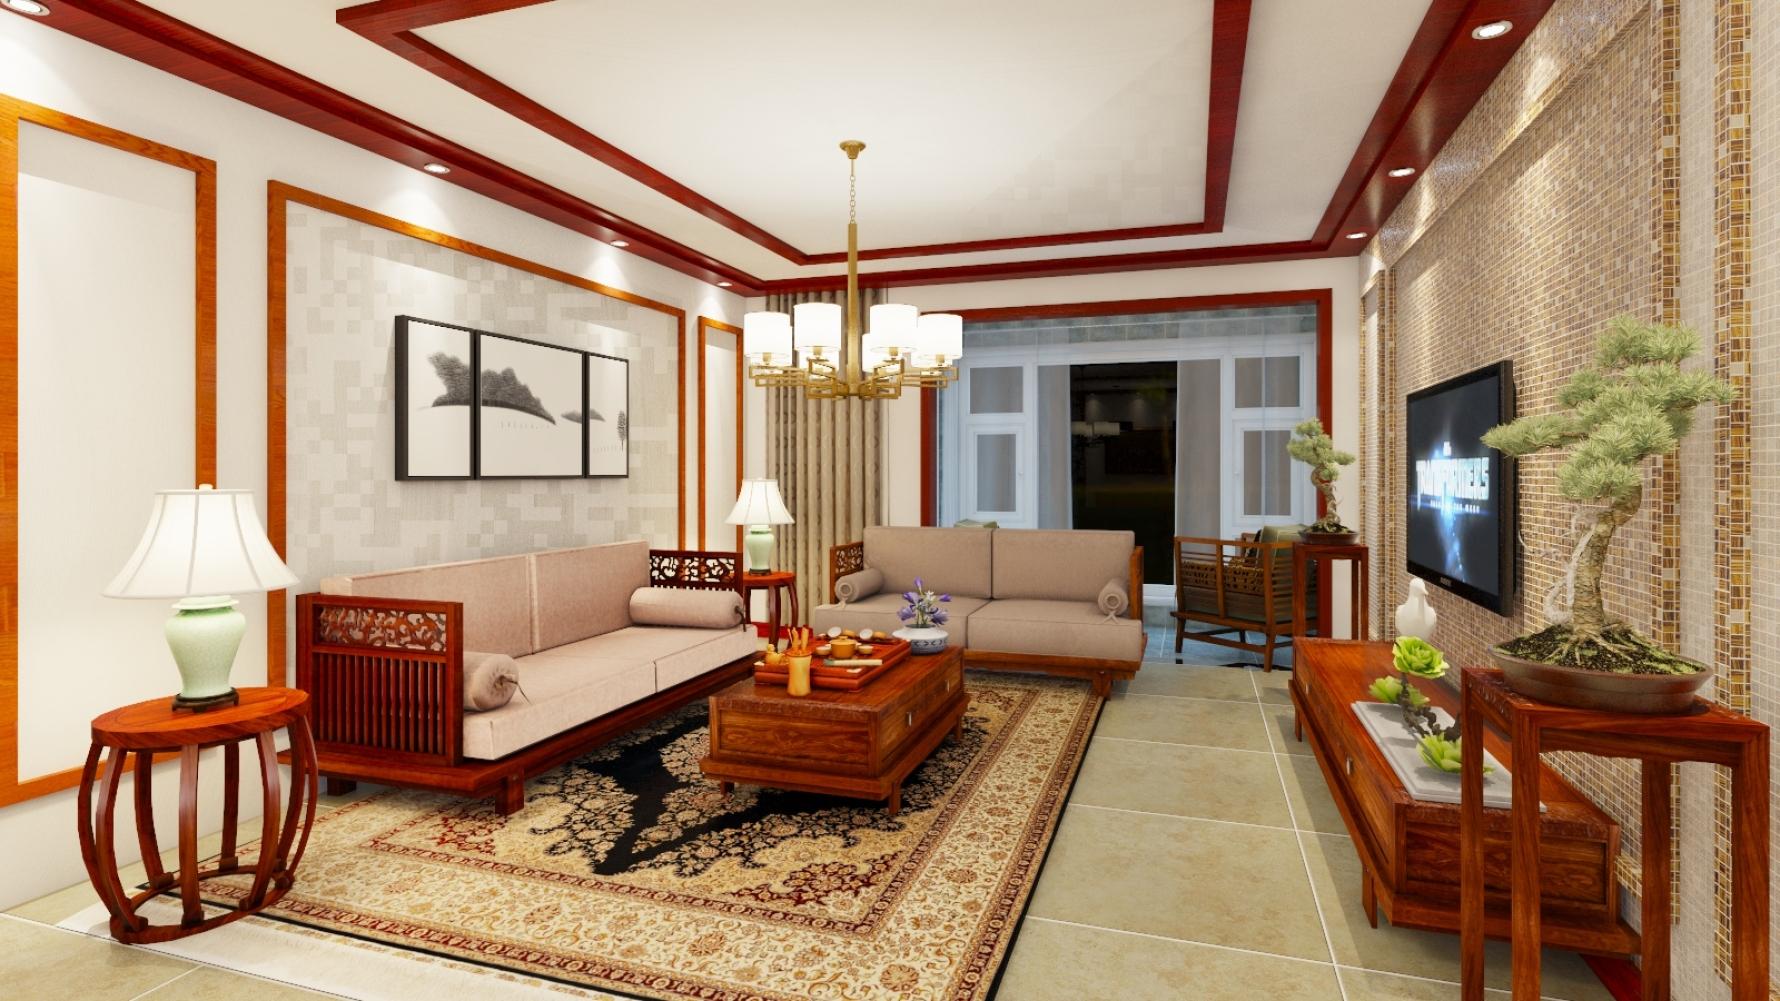 Bà chủ có chín dãy phòng cho thuê ở Thủ đô khuyên người trẻ hãy tiết kiệm để mua nhà, đó là khoản đầu tư có lợi nhất - Ảnh 2.